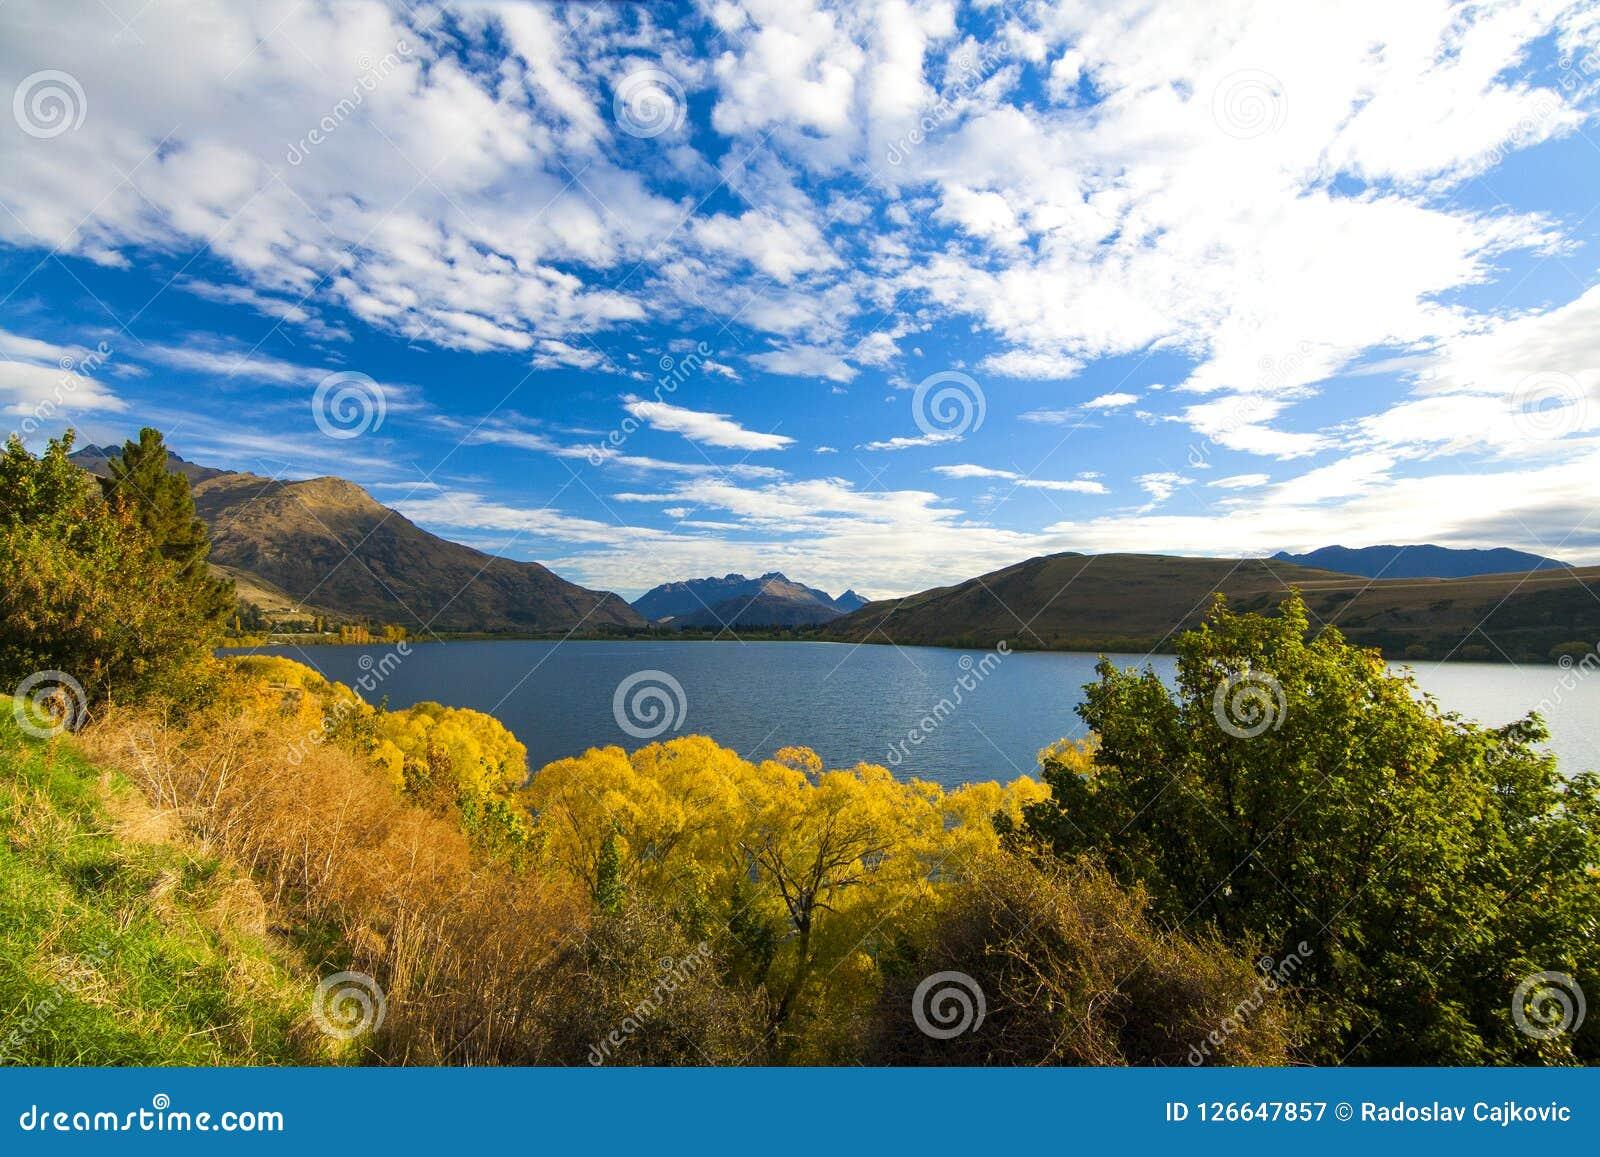 Jesień widok jeziorny Hayes, colourful drzewo liście i susi wzgórza Otago region, Nowa Zelandia Arrowton blisko Queenstown